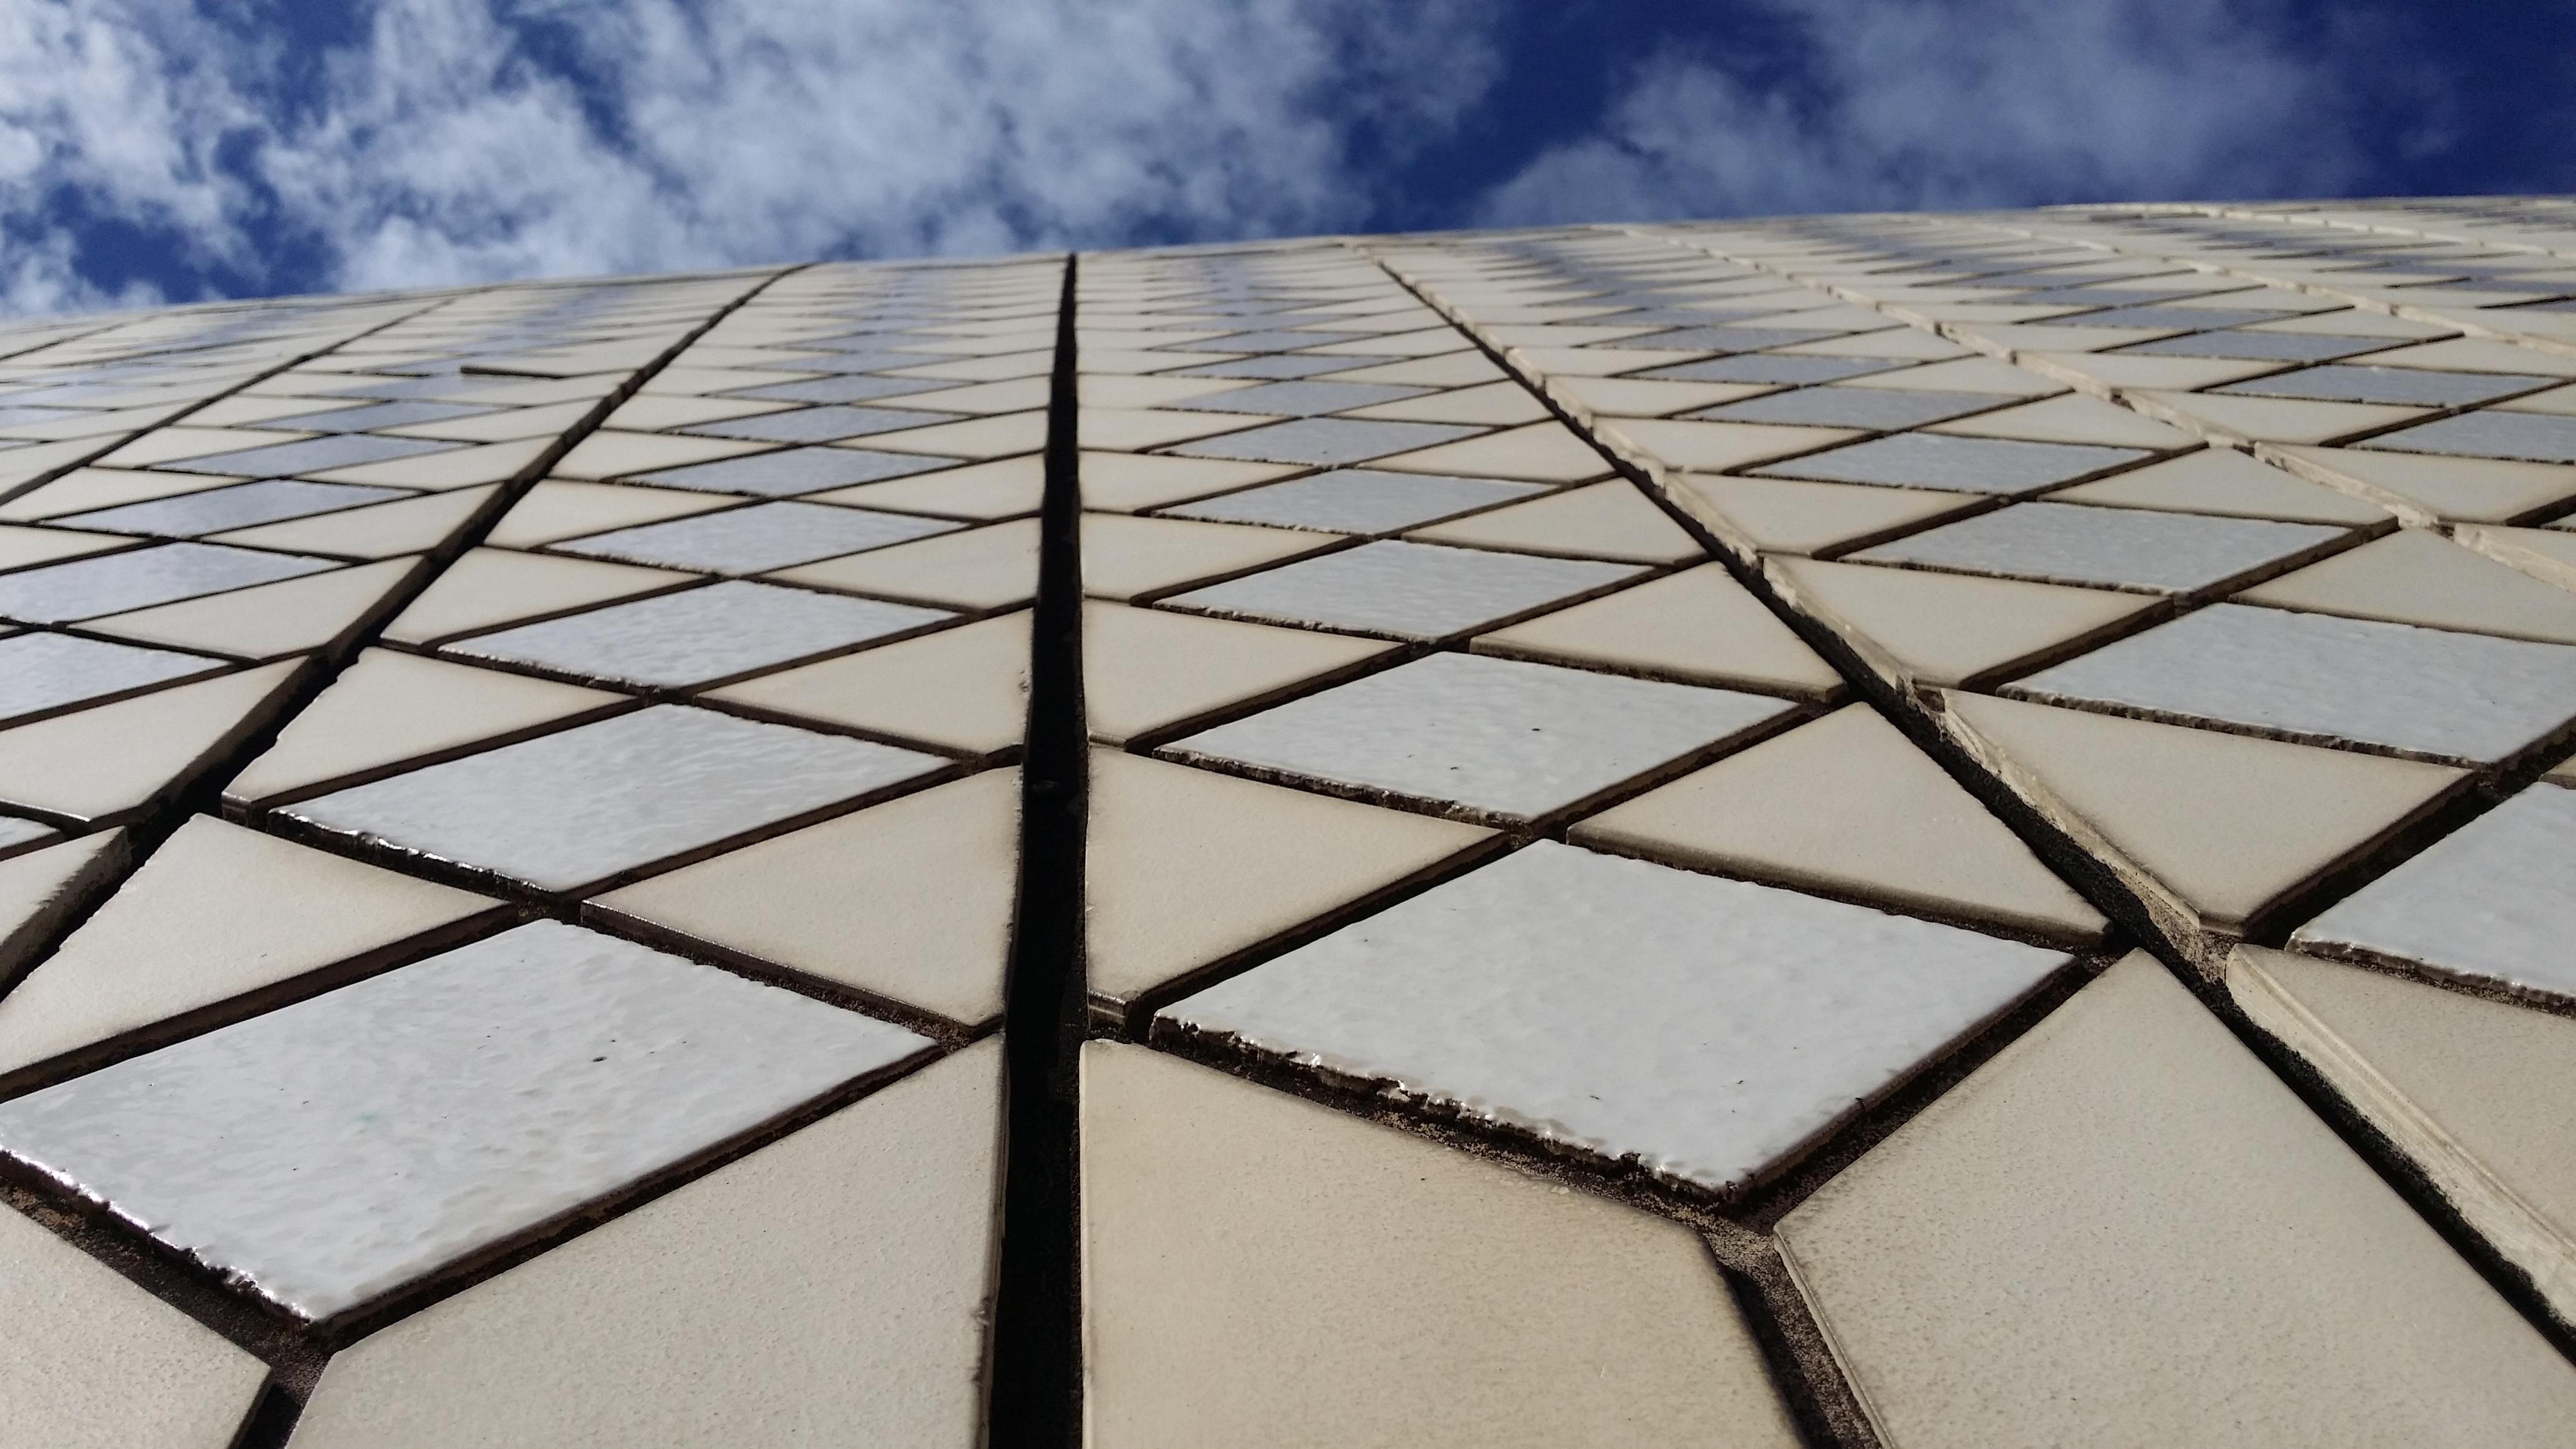 무료 이미지 조직 바닥 지붕 무늬 선 기하학적 인 현대 자료 시드니 오페라 하우스